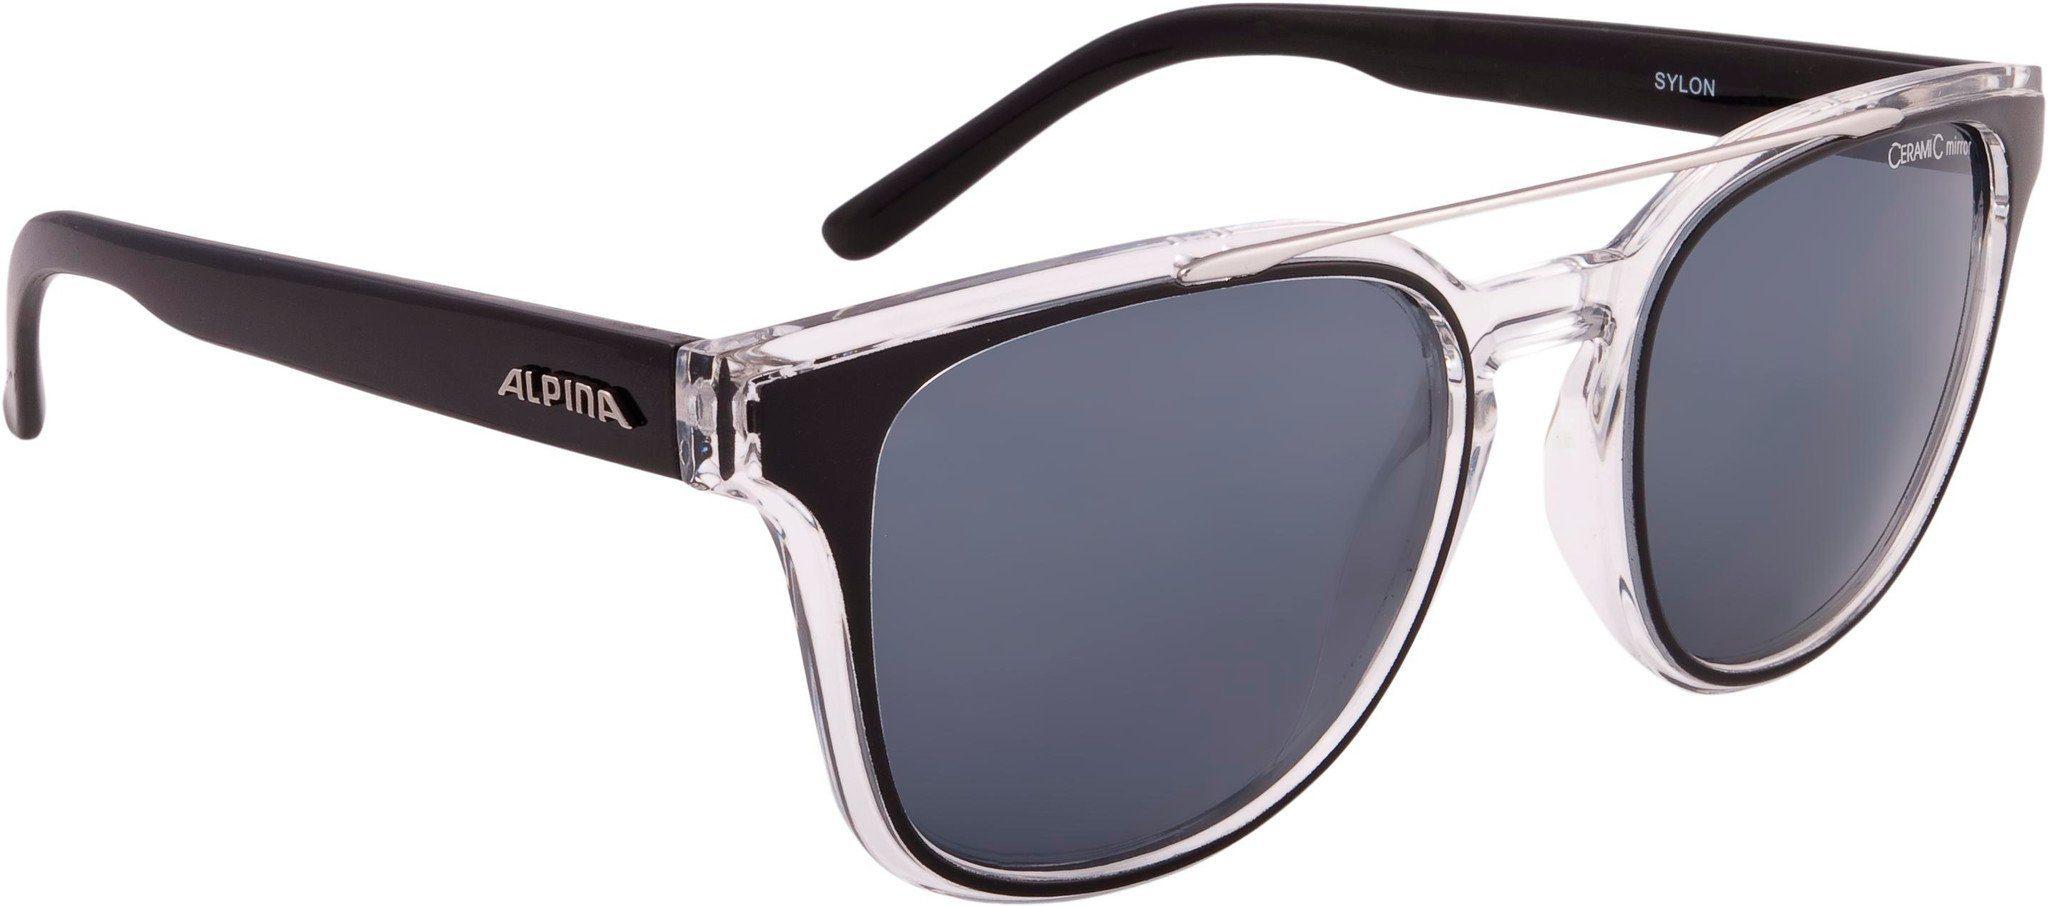 Alpina Sports Sportbrille »Sylon Glasses«